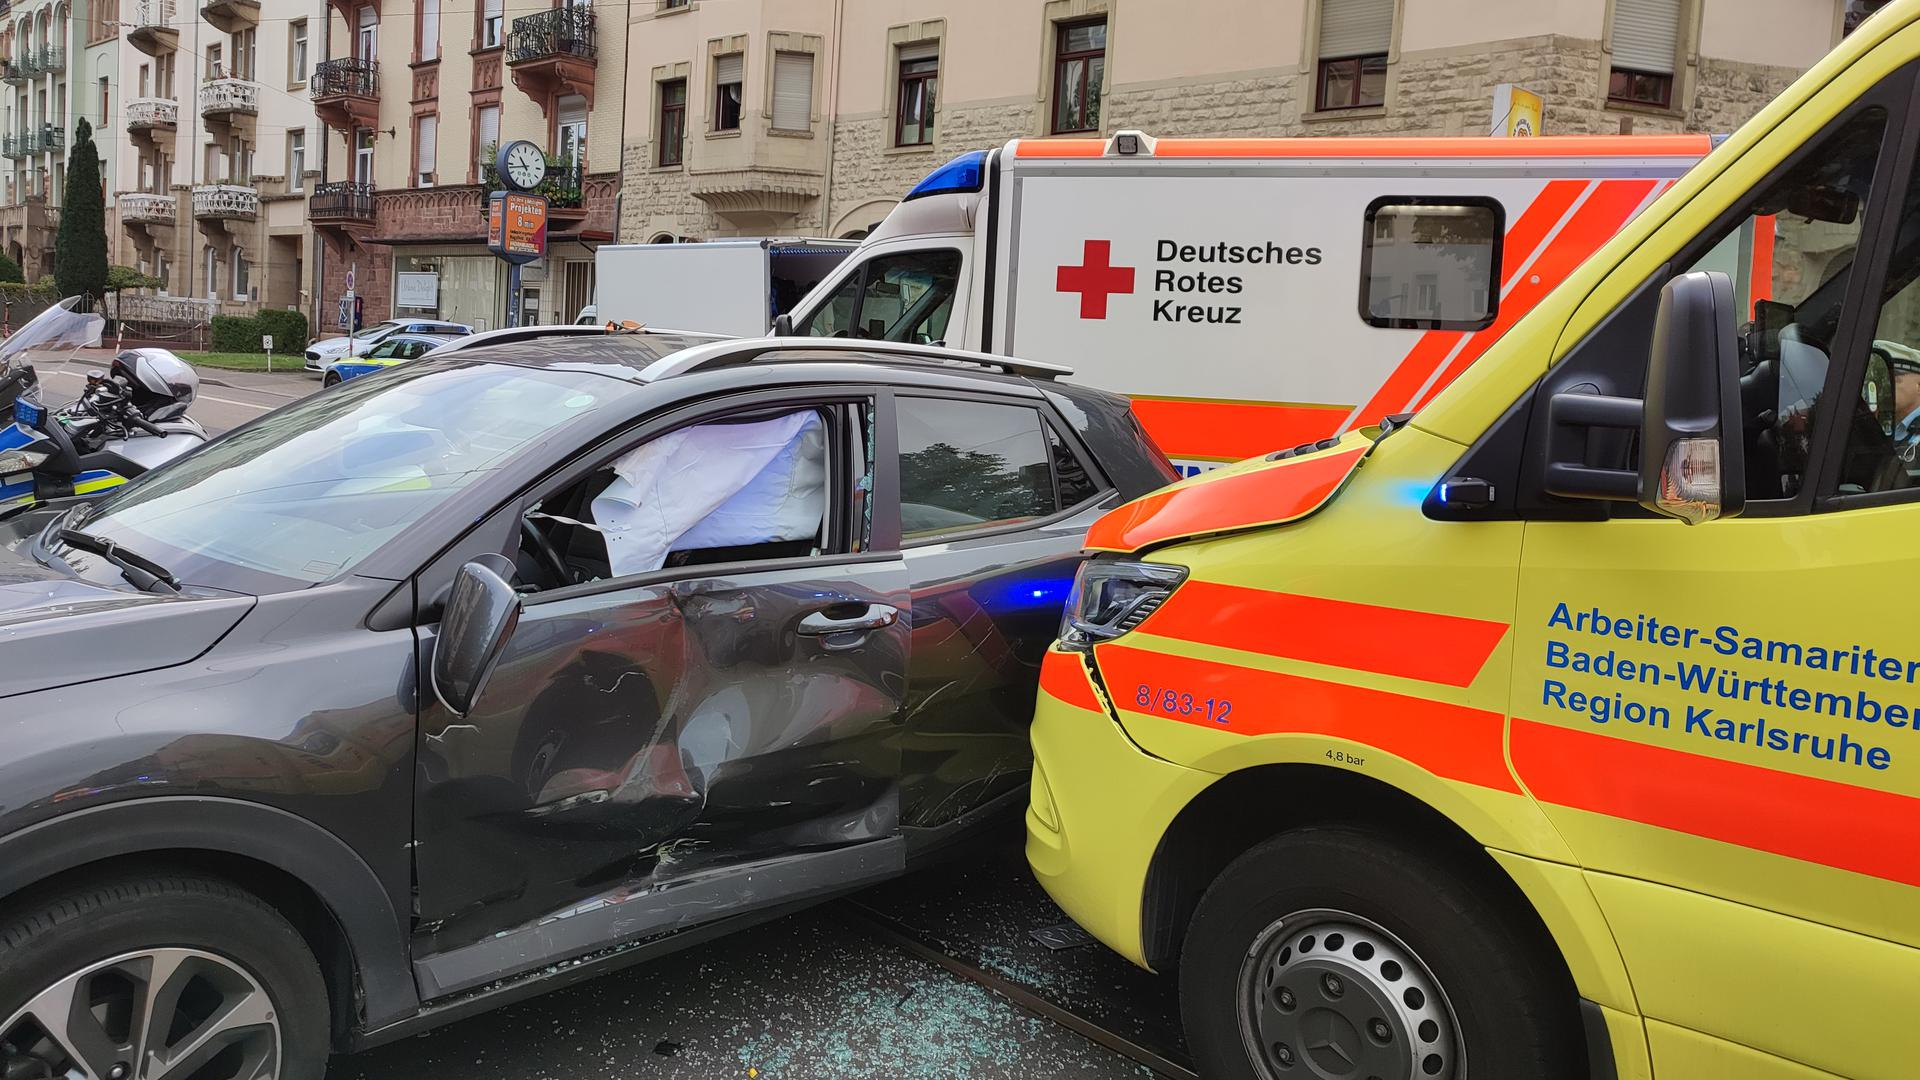 Die Front eines Rettungswagens kollidiert mit der rechten Seite eines Pkw